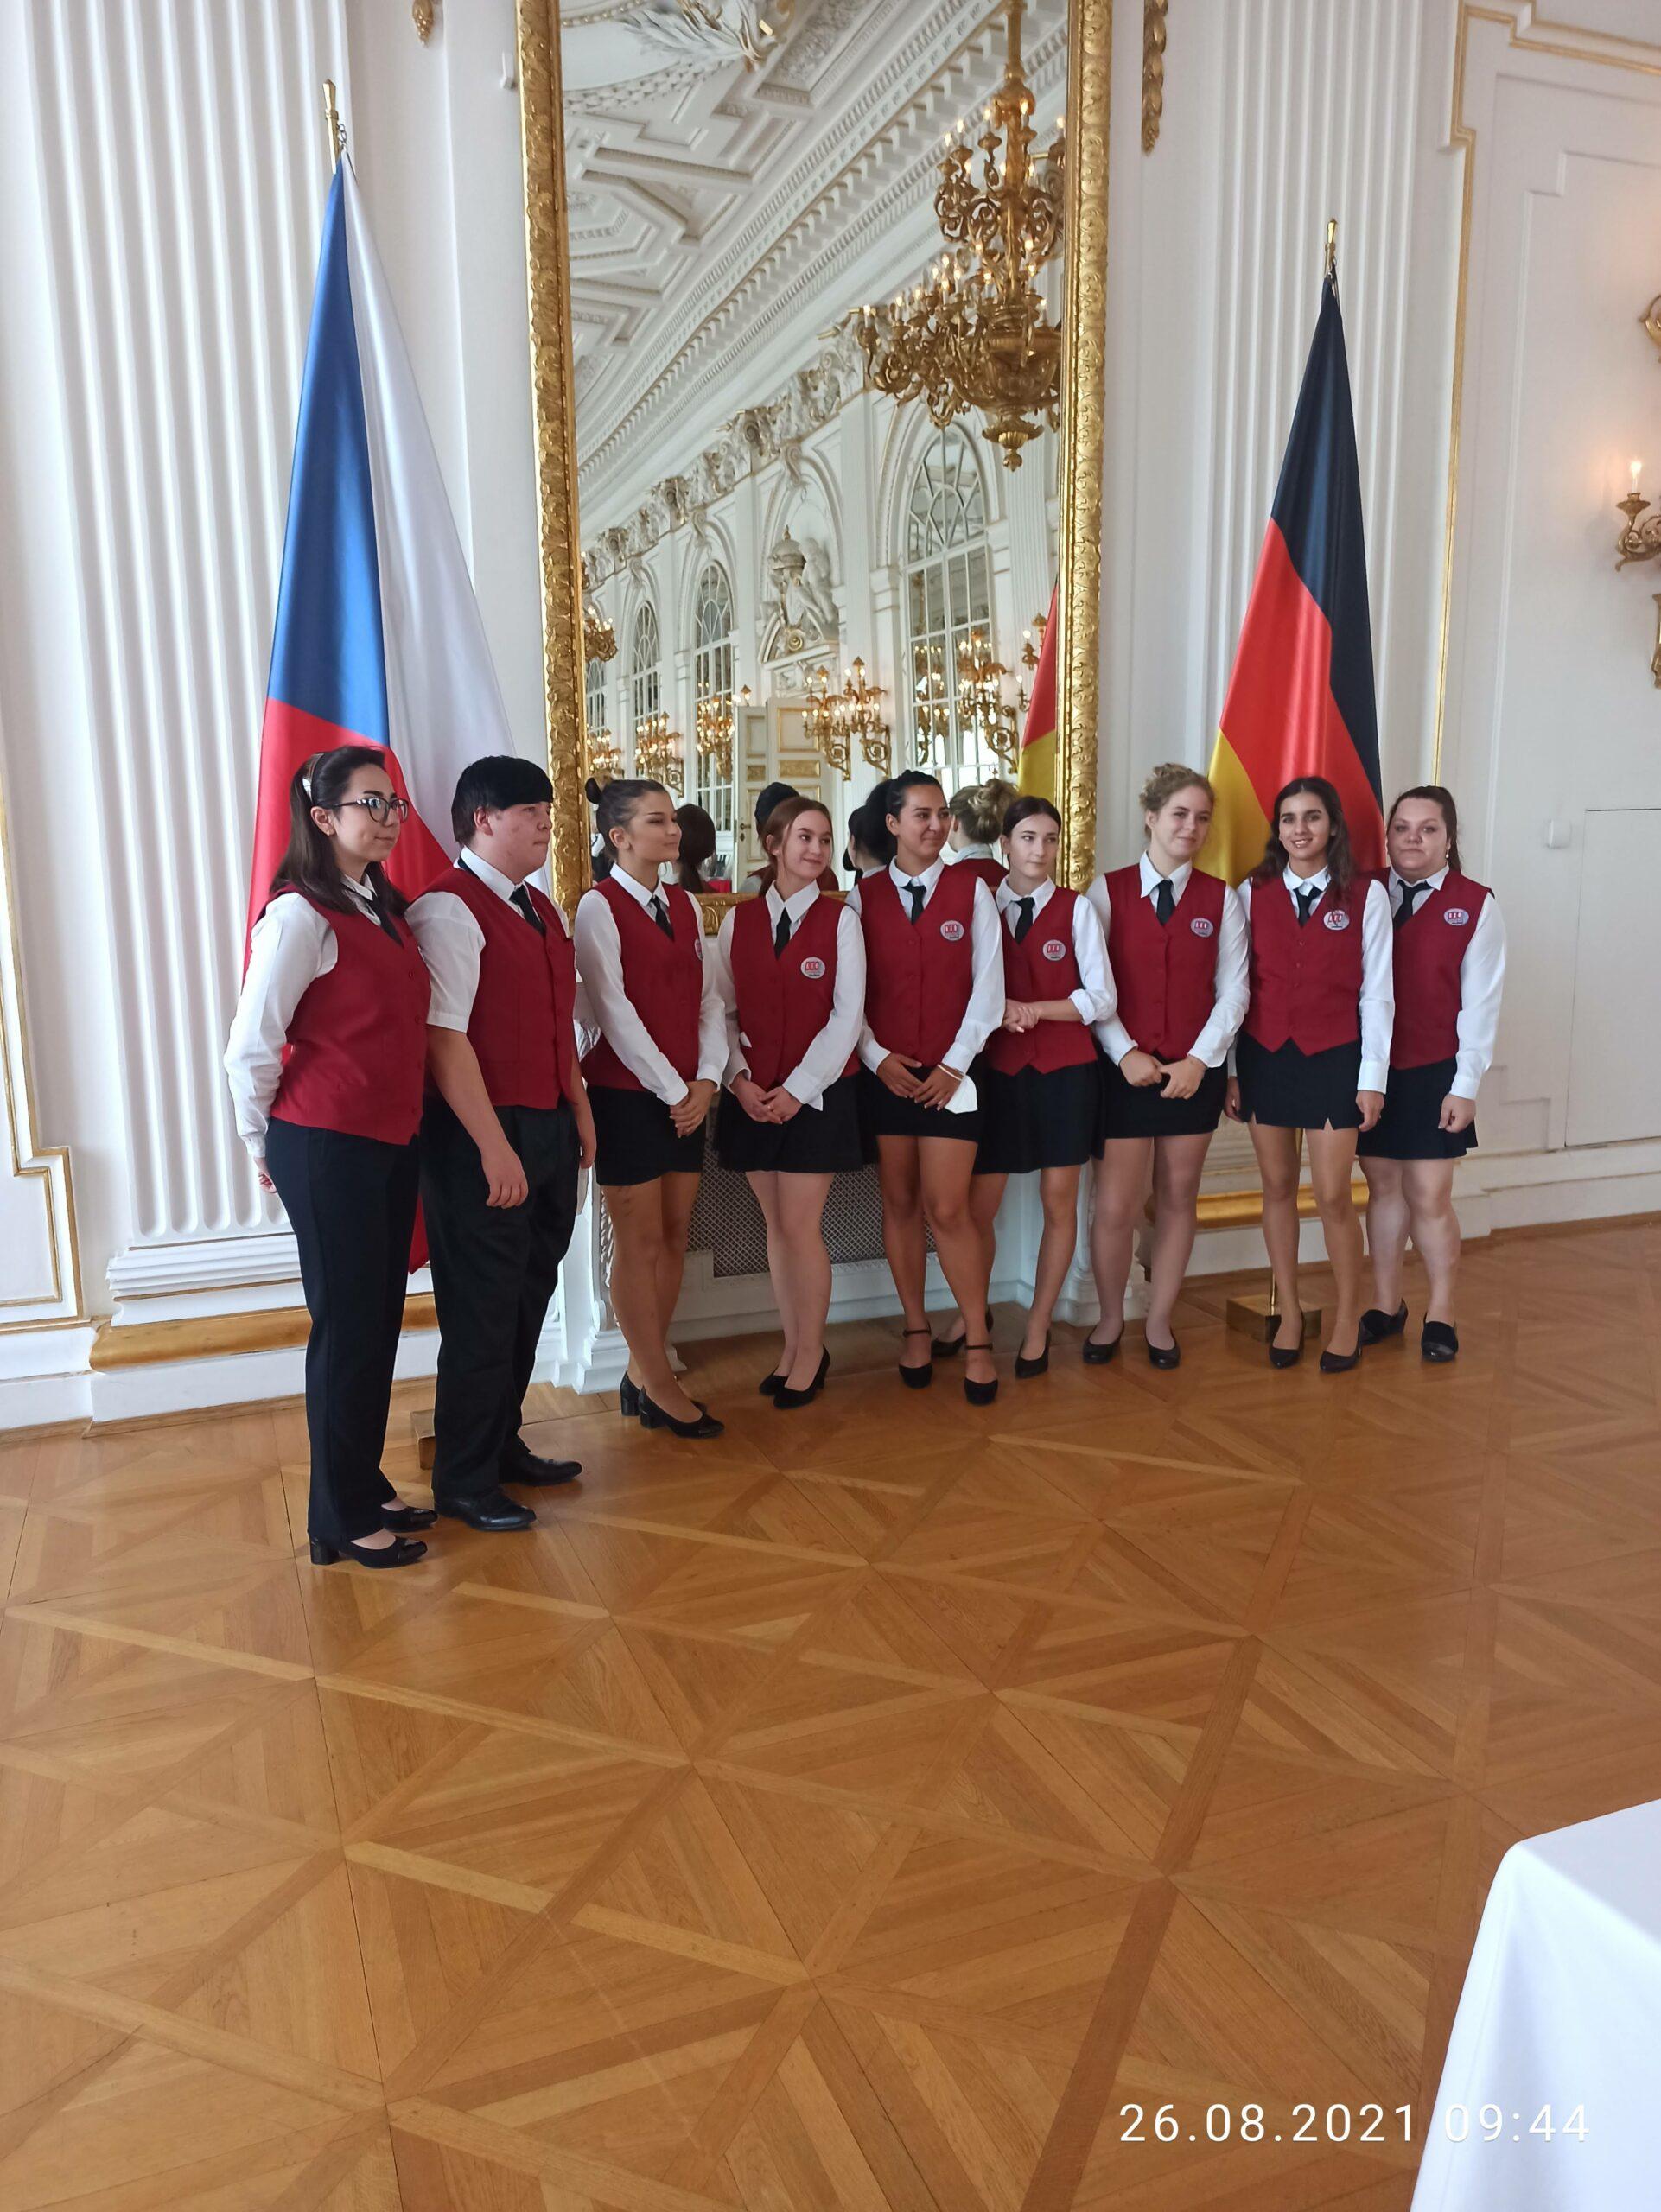 Praxe naPražském hradě upříležitosti návštěvy německého prezidenta